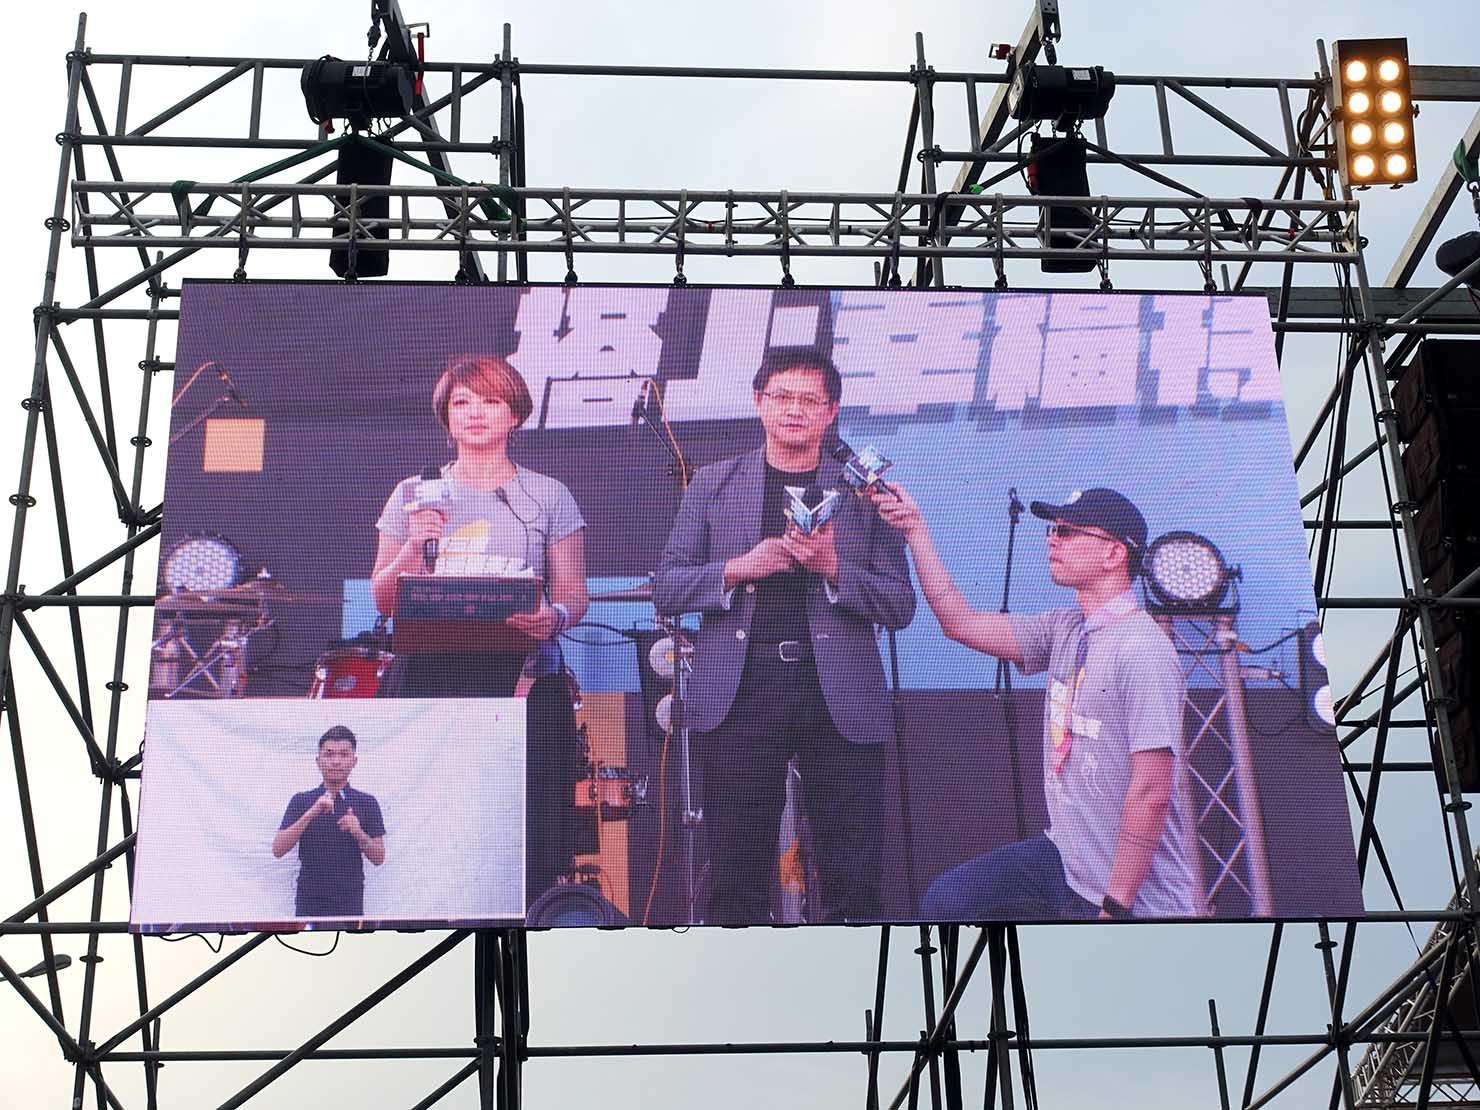 台湾のLGBT音楽イベント『為愛返家音樂會』会場のステージに立つ企業家・童子賢さん